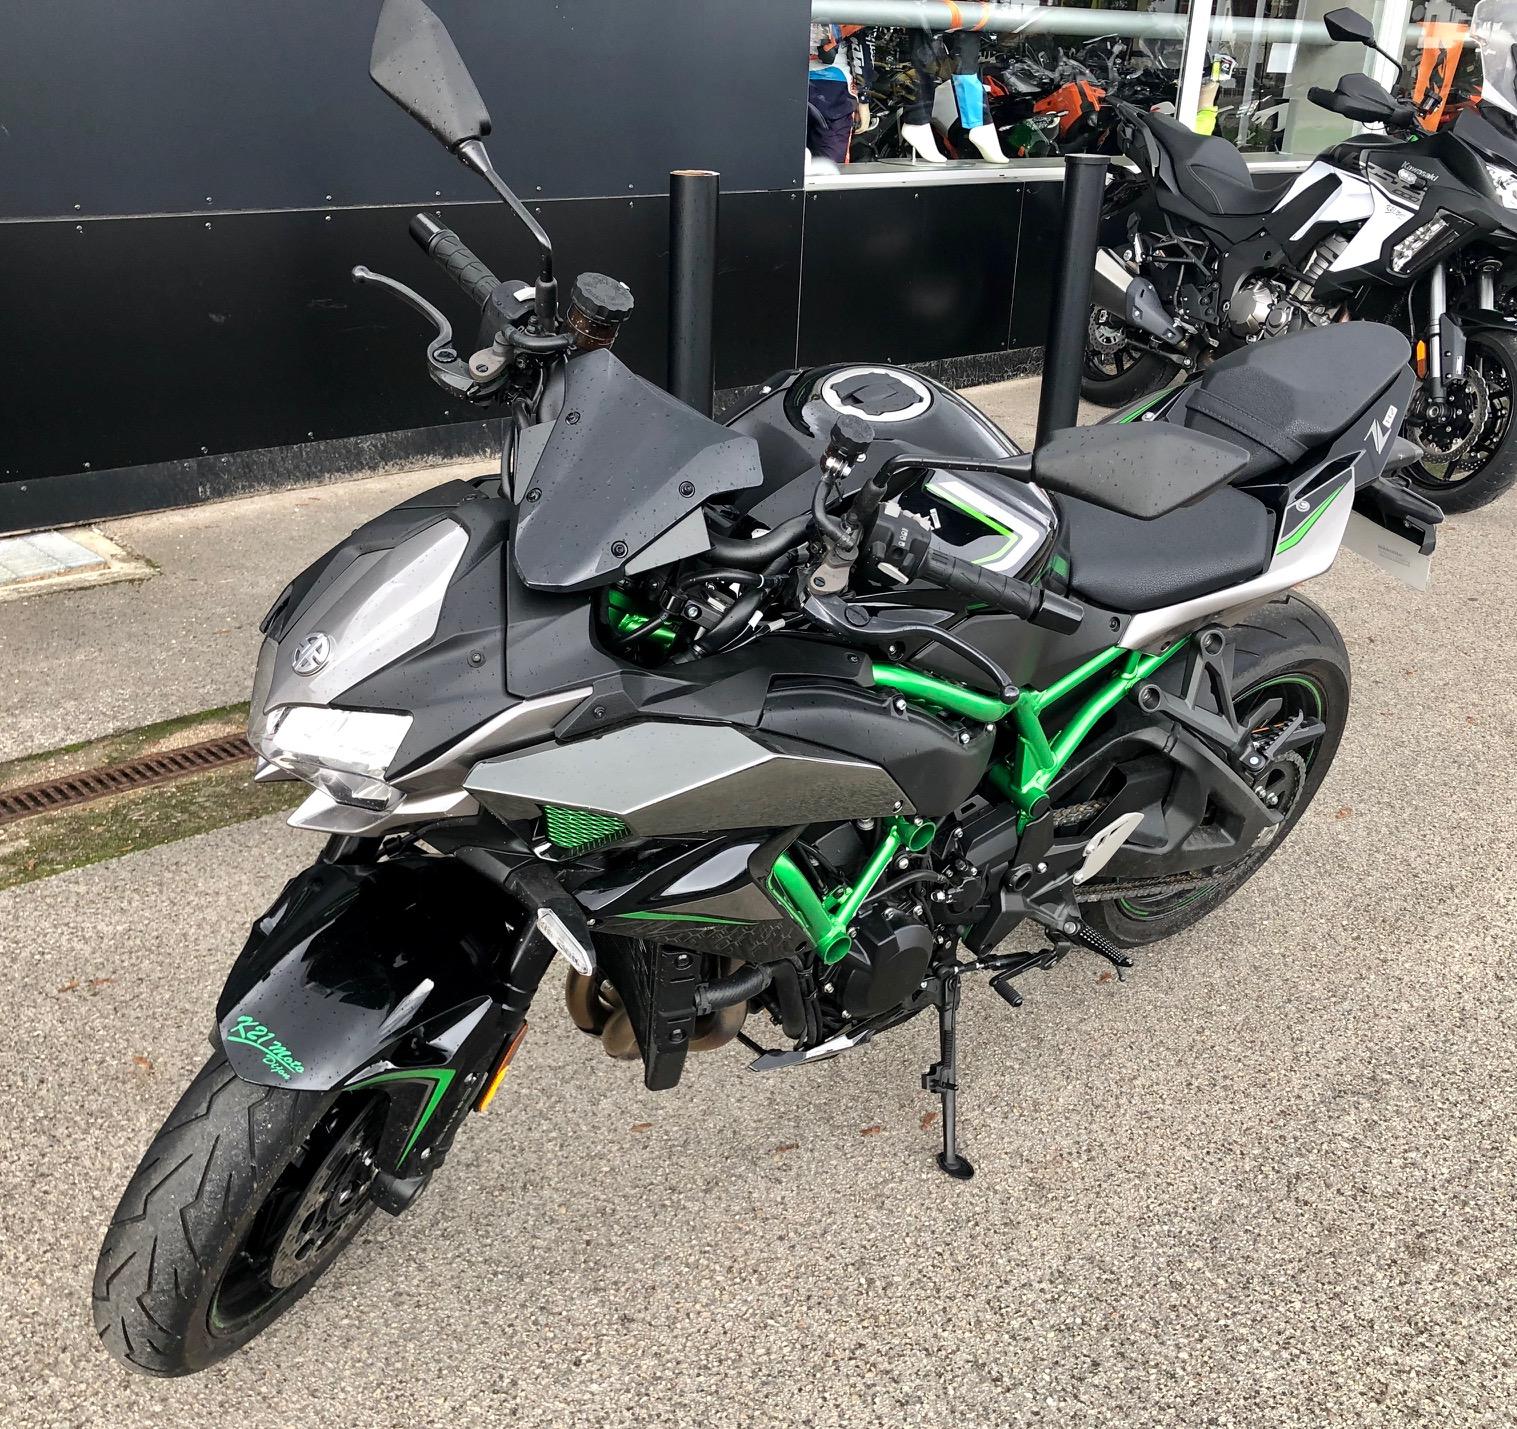 Premiera: Kawasaki ZH2 2020 - nowa era Zeta - strona 2